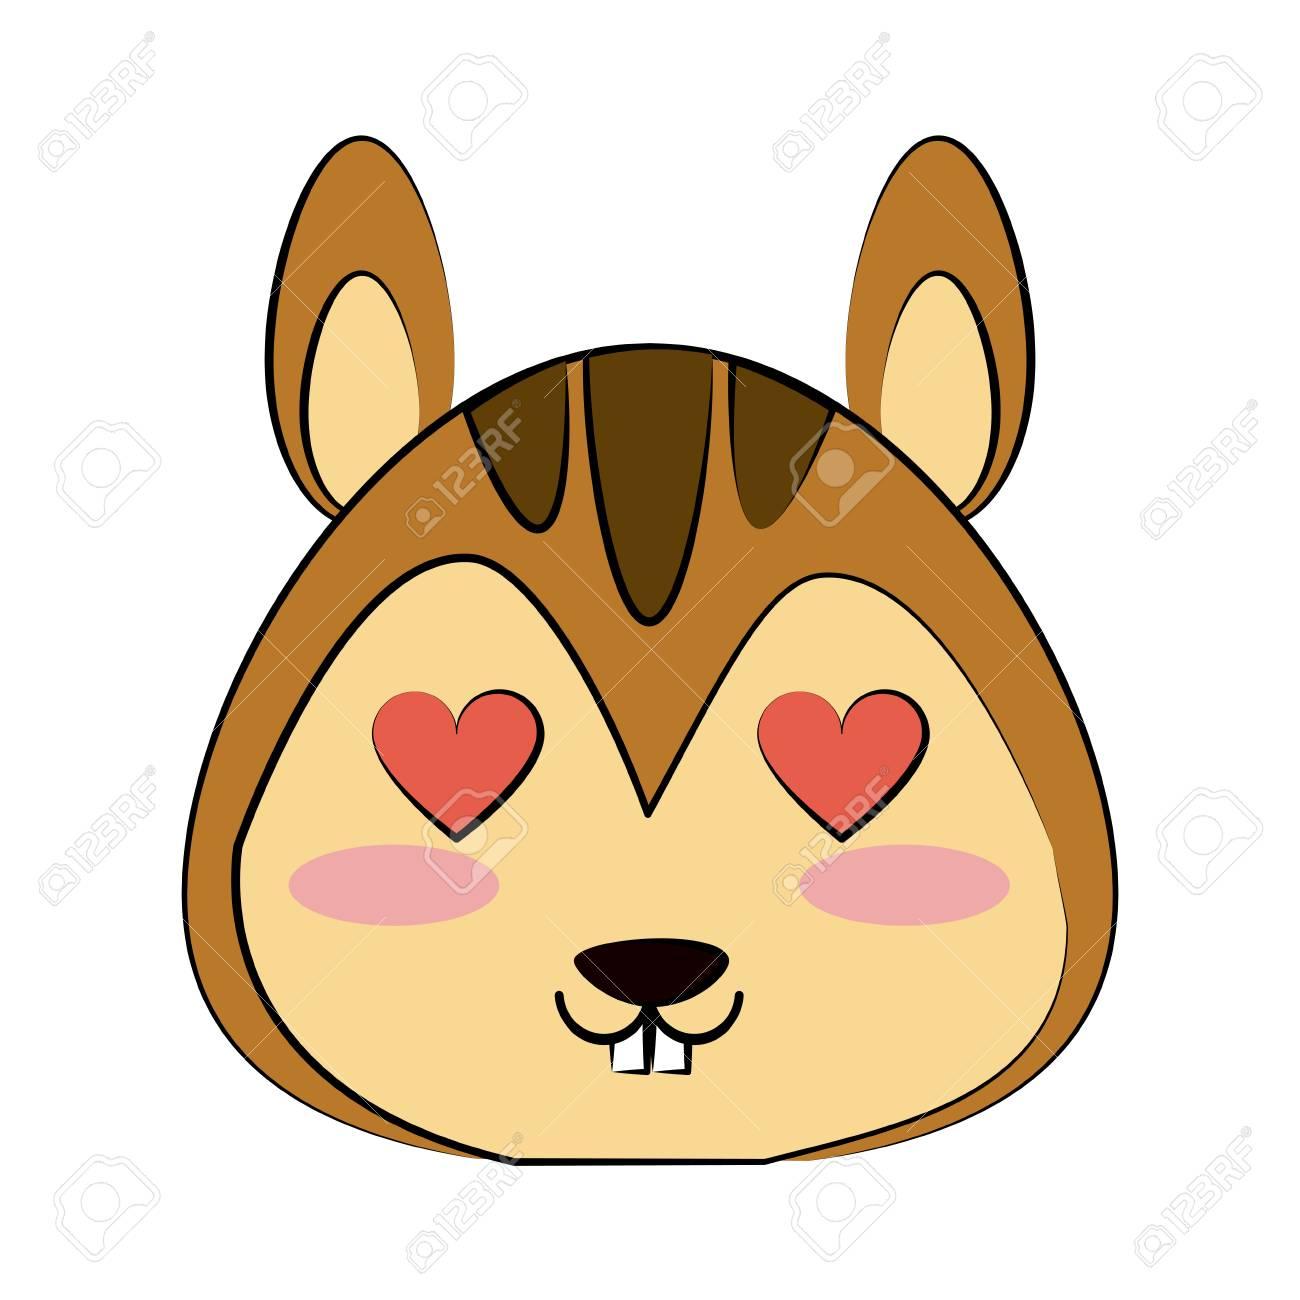 心の目かわいい動物漫画アイコン画像ベクトル イラスト デザインとリスし